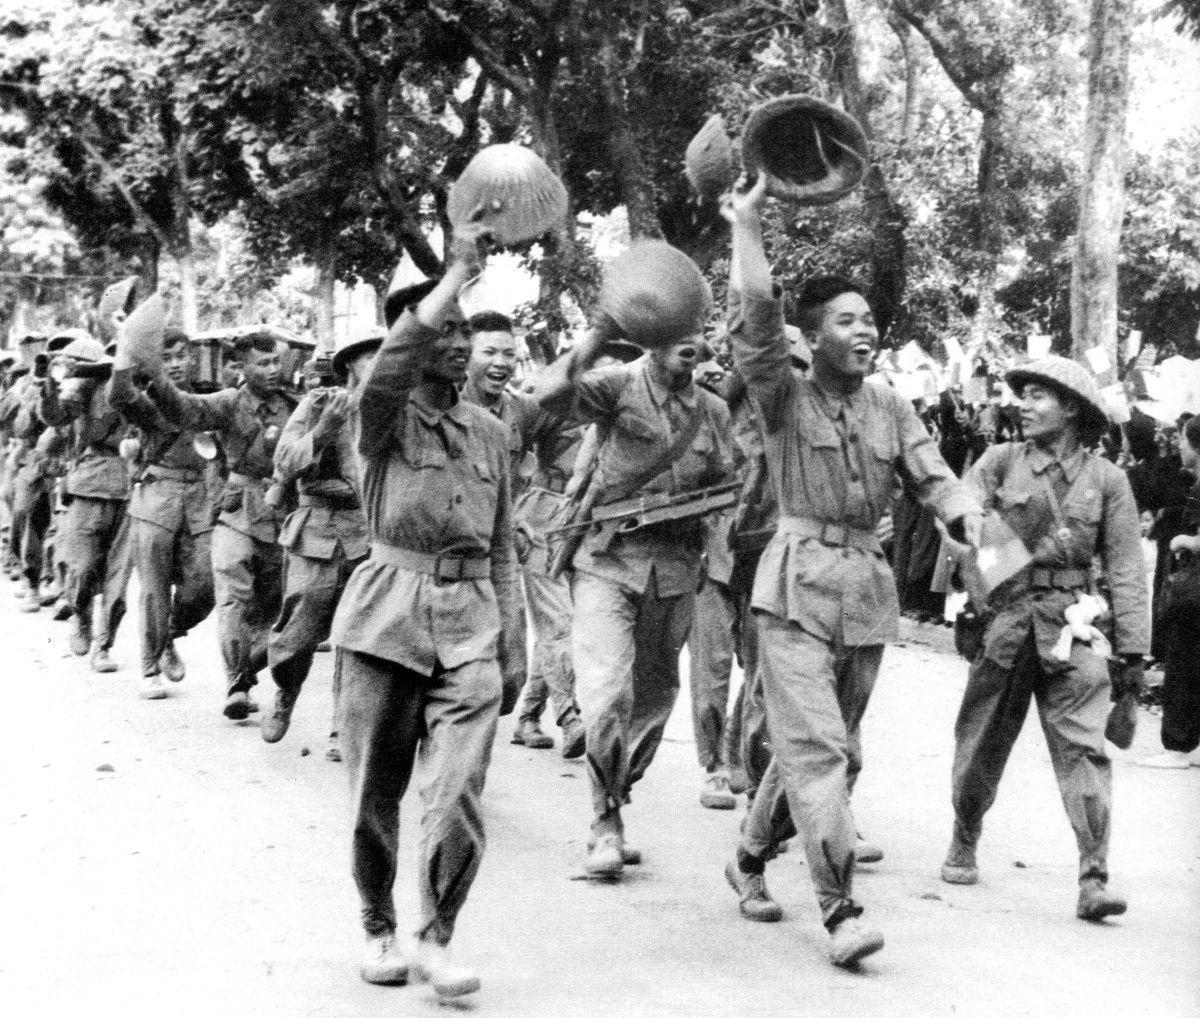 Pobjednička parada Viet Minha ulicama Hanoija, 9. listopada 1954. godine (izvor).